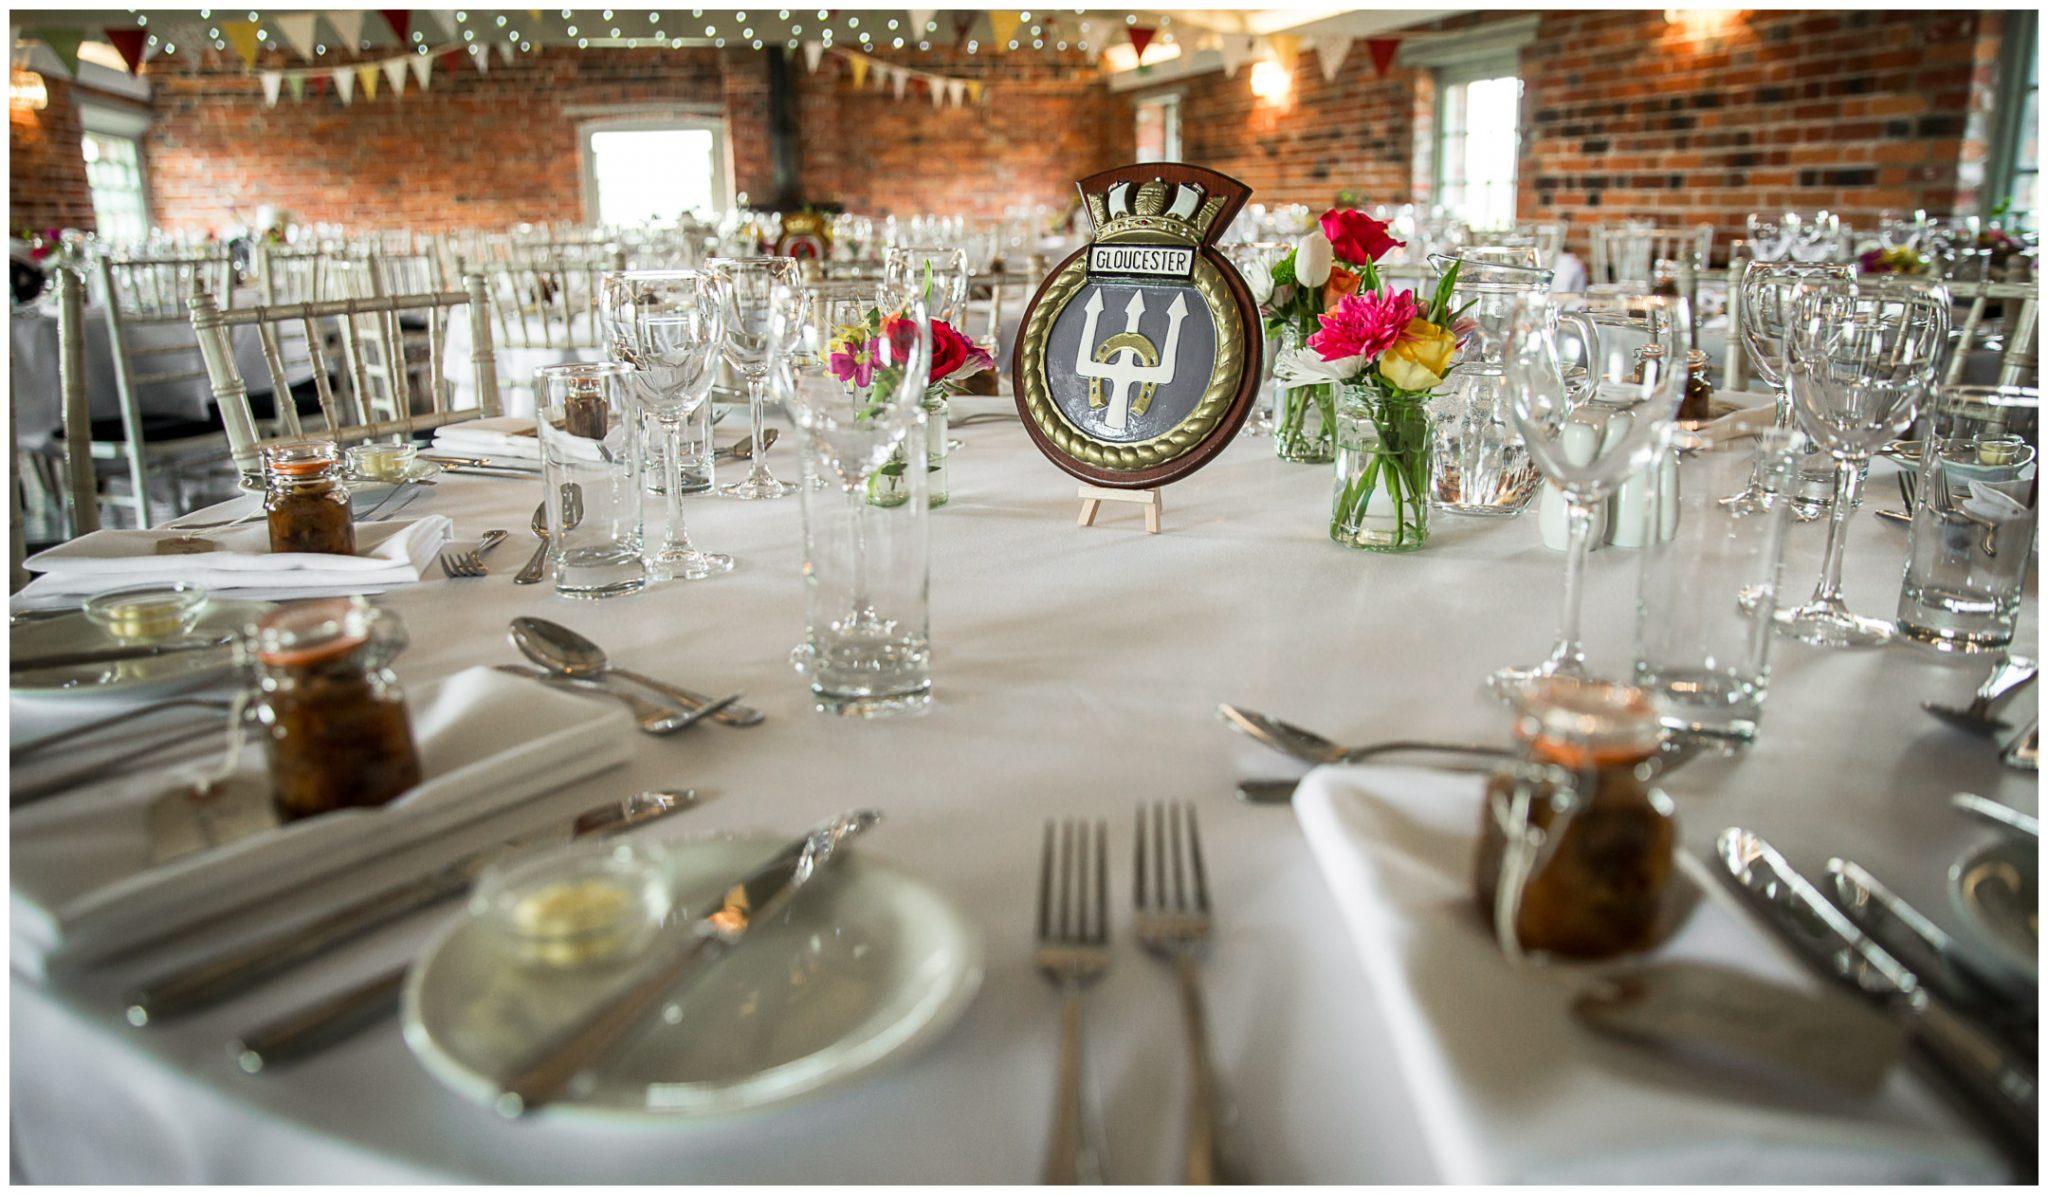 Sopley wedding photographer table settings for wedding breakfast